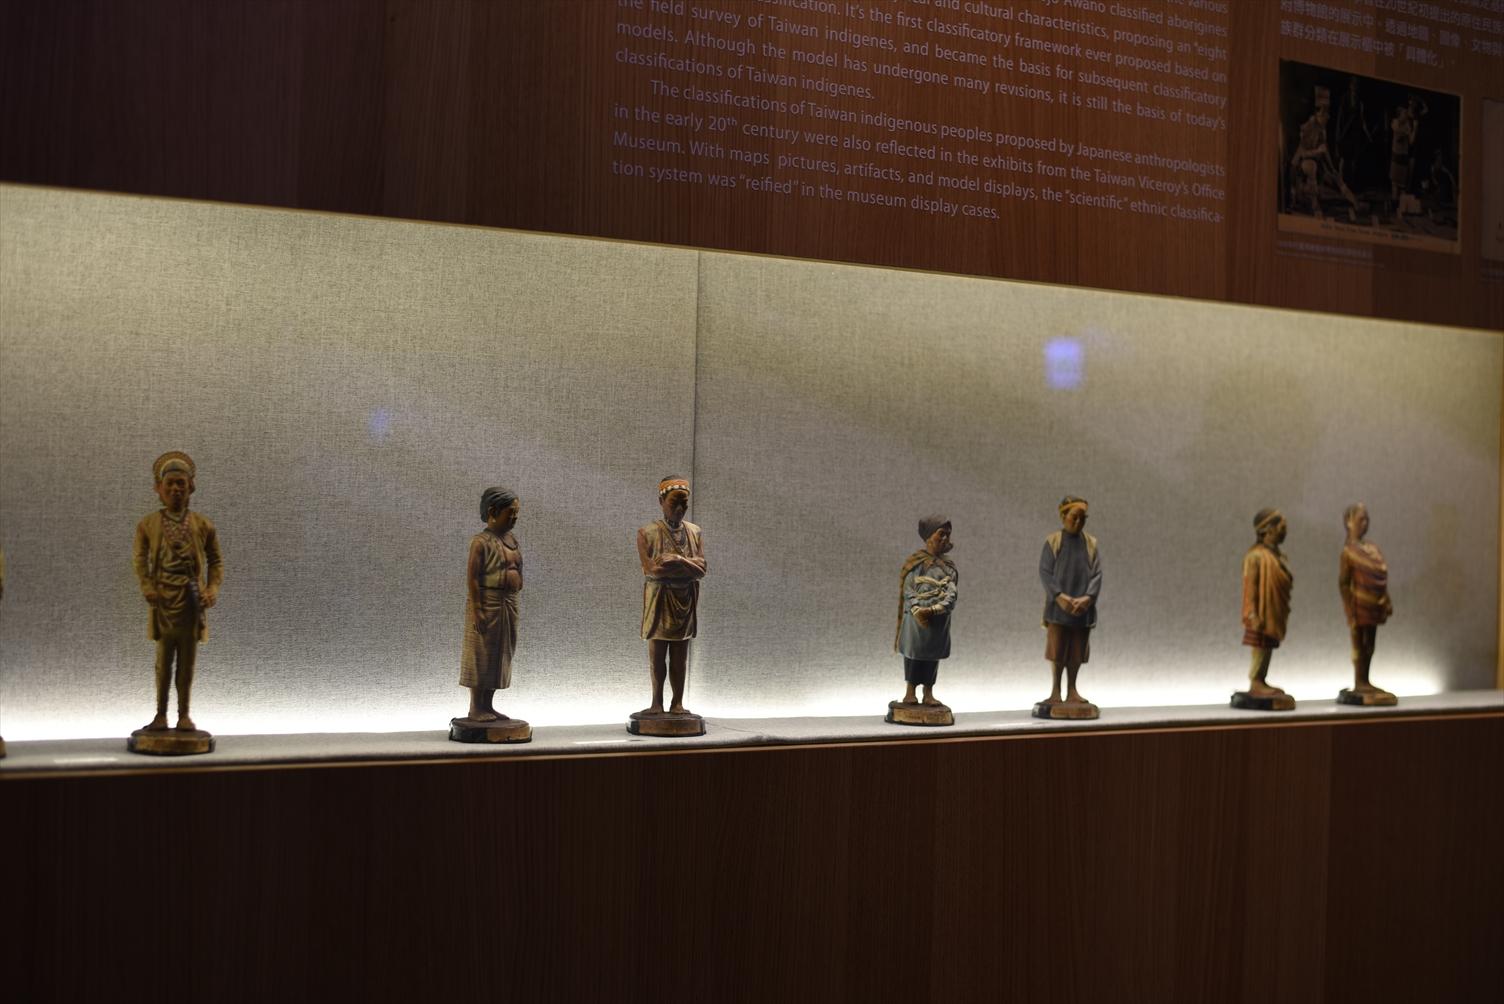 国立台湾博物館 原住民